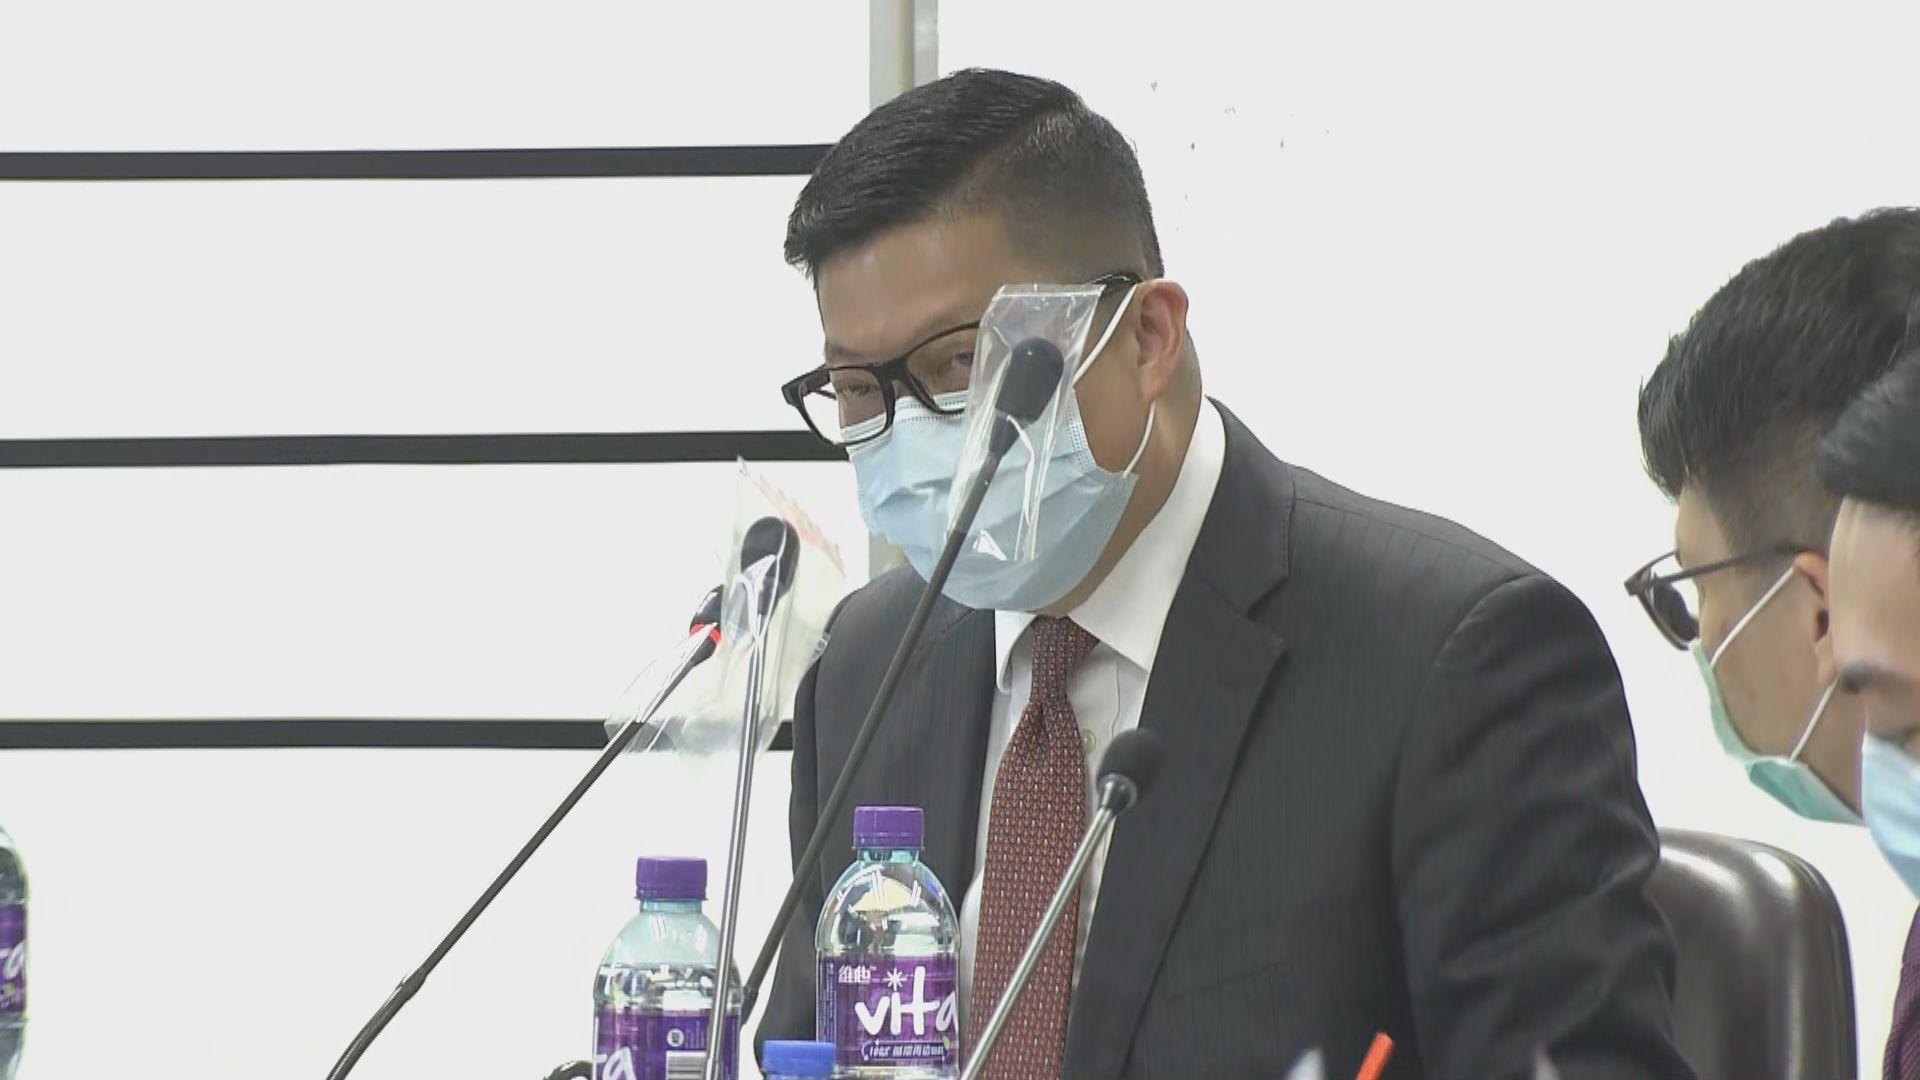 多名警員涉犯法被捕 鄧炳強指會秉公辦理調查